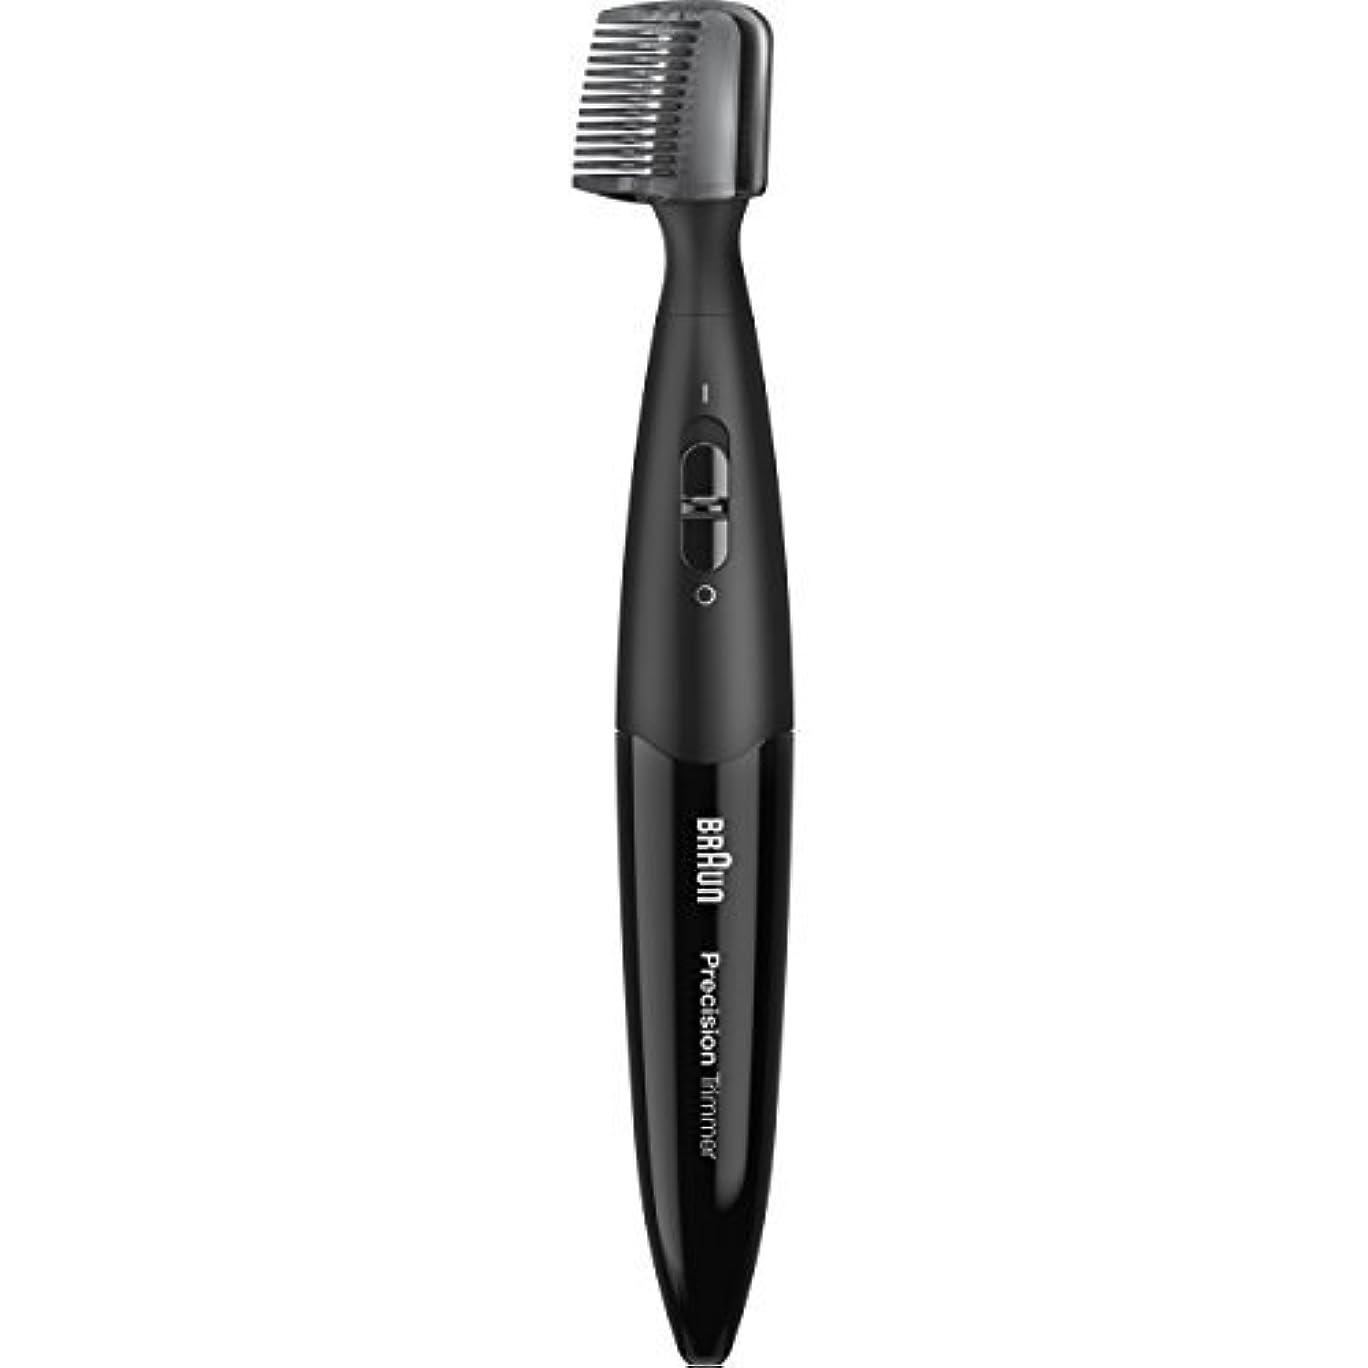 通行料金バング機動Braun Precision Trimmer PT5010, Men's Precision Beard, Ear & Nose, Mustache detailer, styler [並行輸入品]